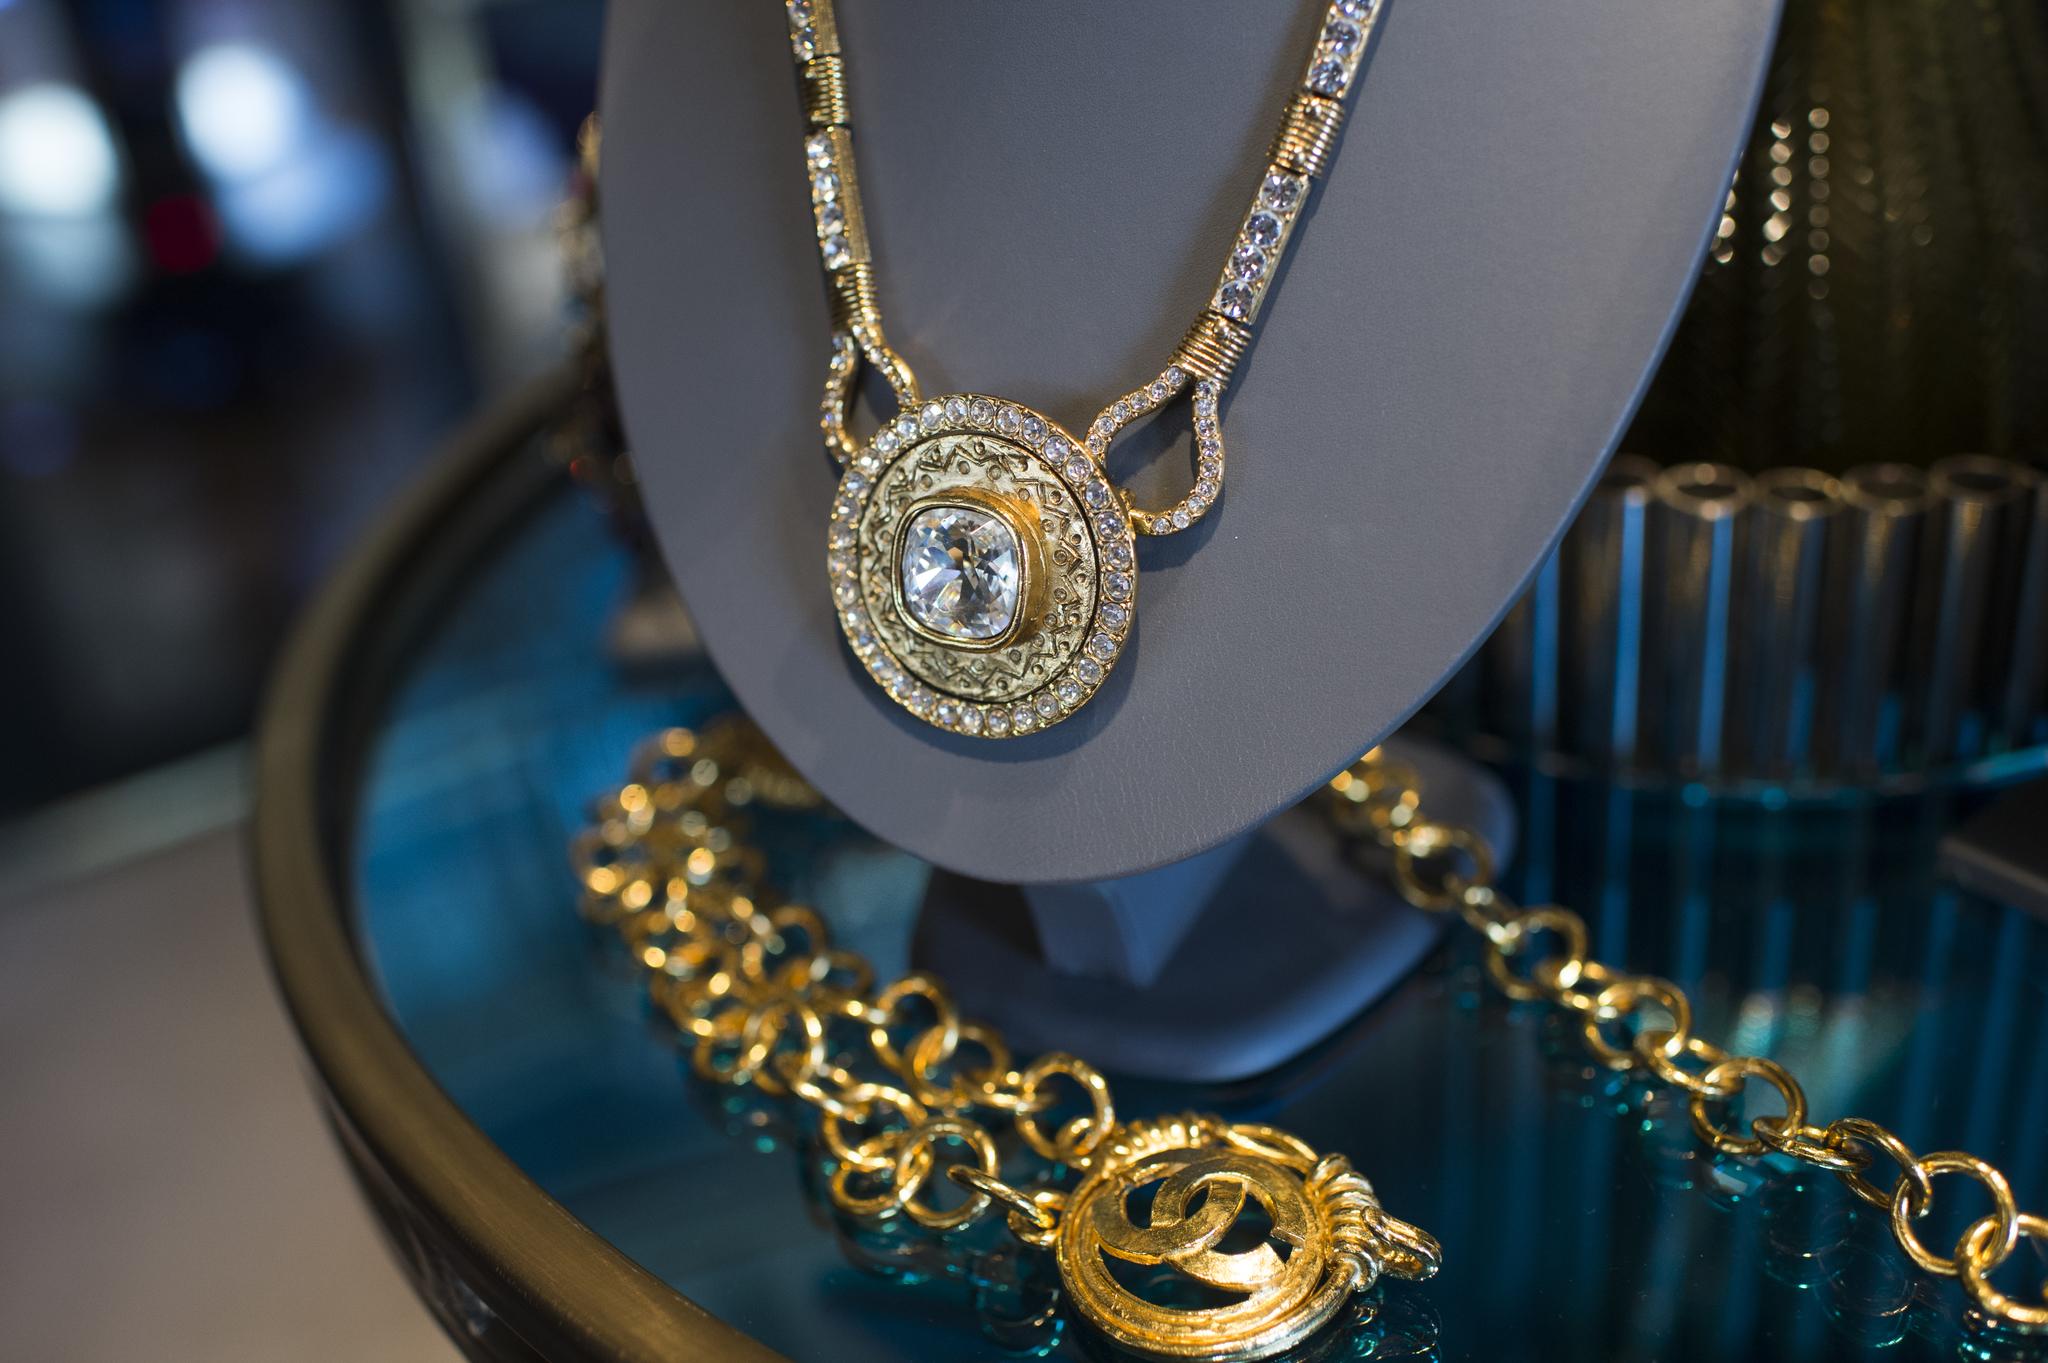 Великолепный крупный медальон YSL с прозрачными кристаллами